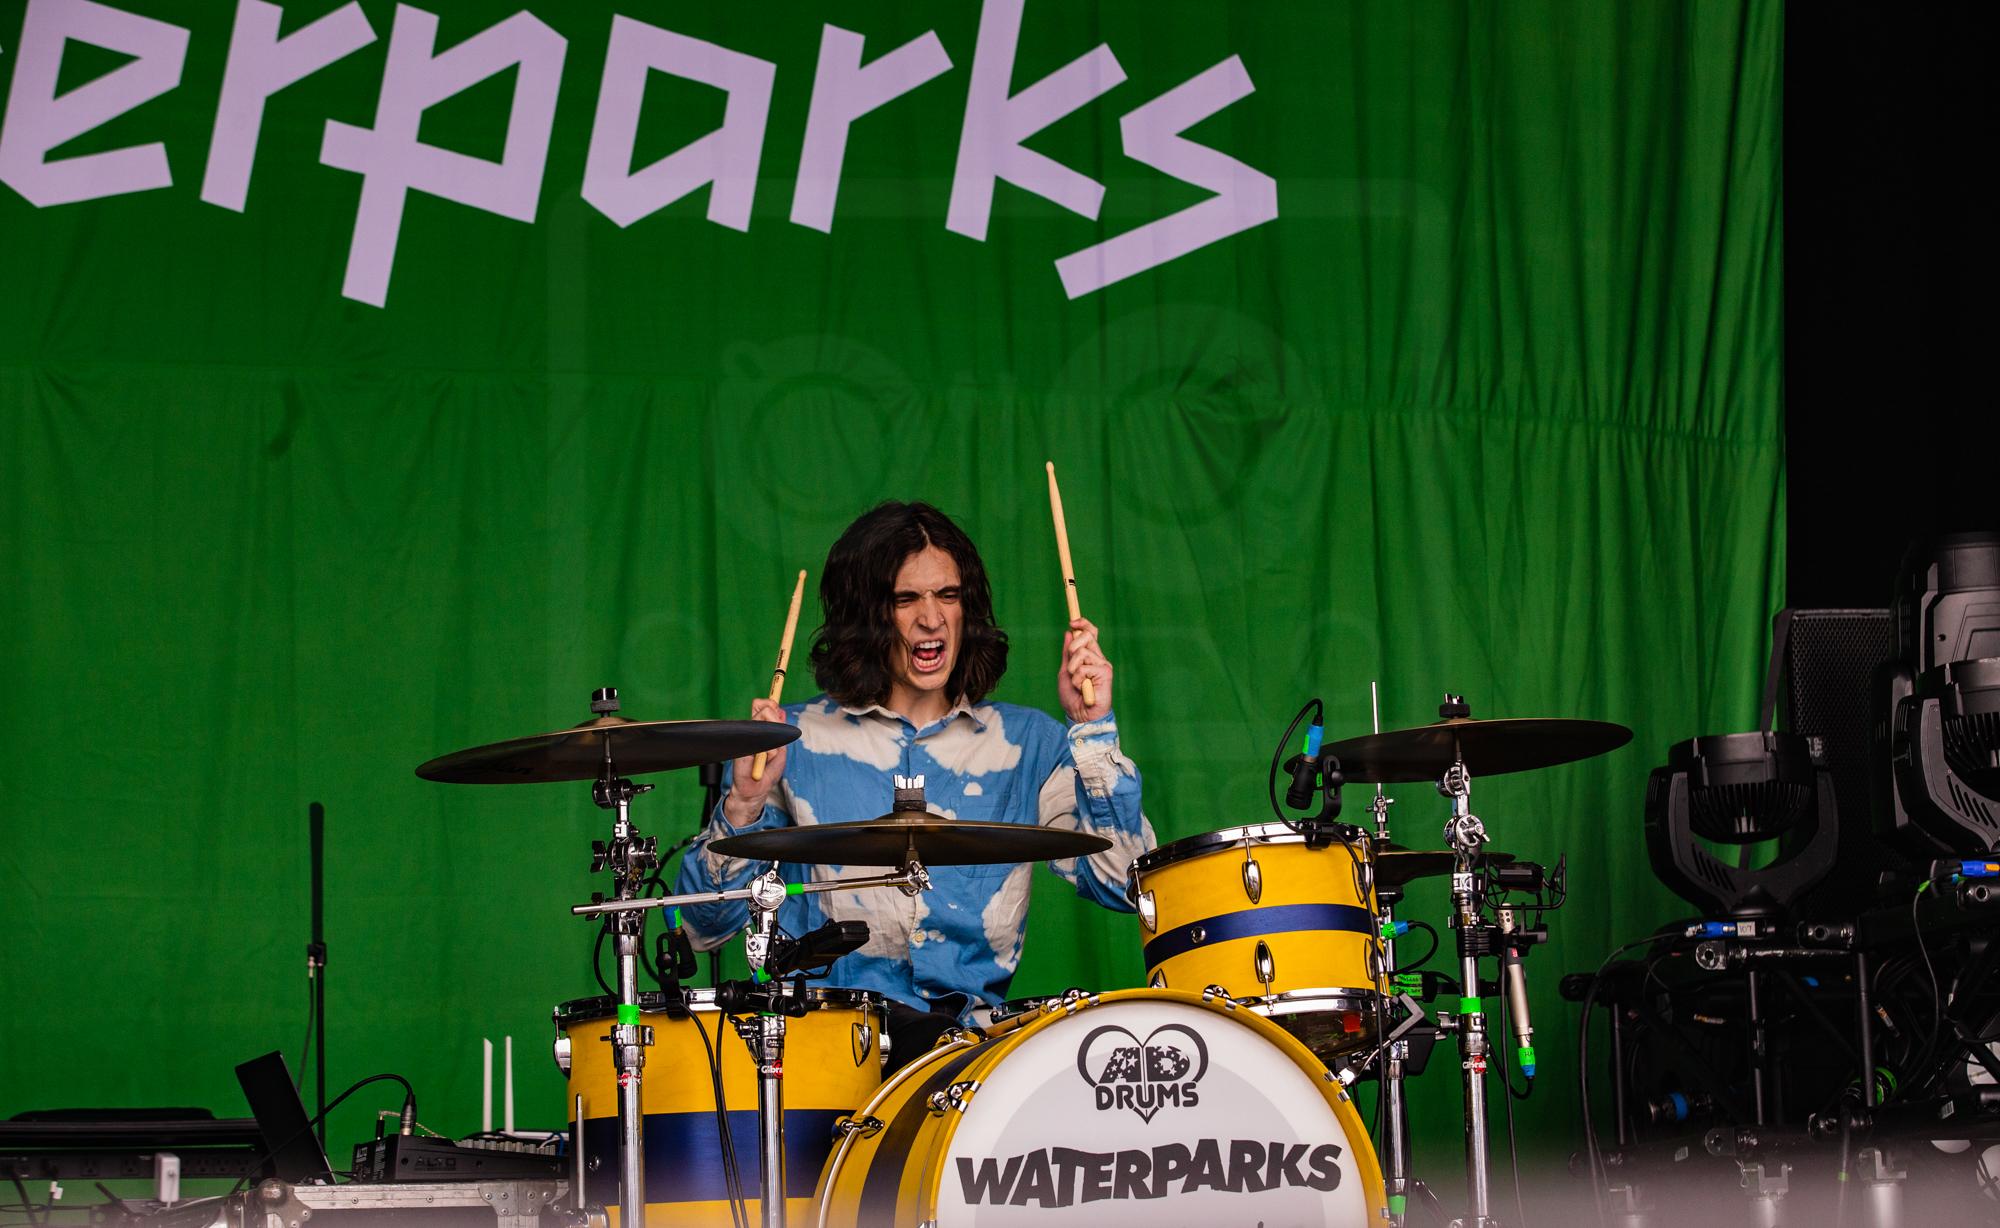 Waterparks-25th May-Slam Dunk North-12.jpg